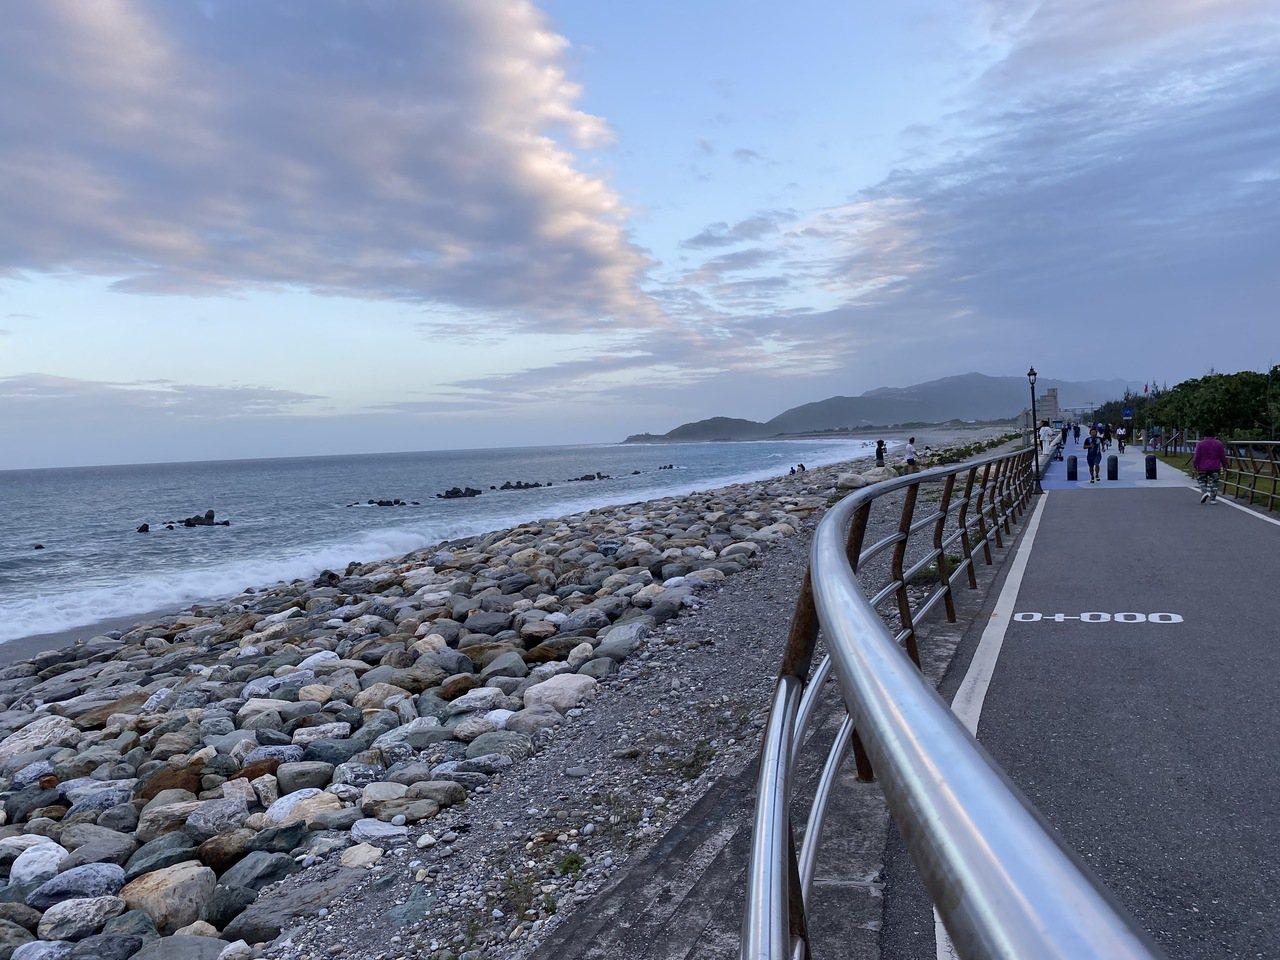 花蓮吉安鄉濱海線自行車道就在太平洋海邊,傍晚時總吸引許多人騎單車或跑步運動。 圖...